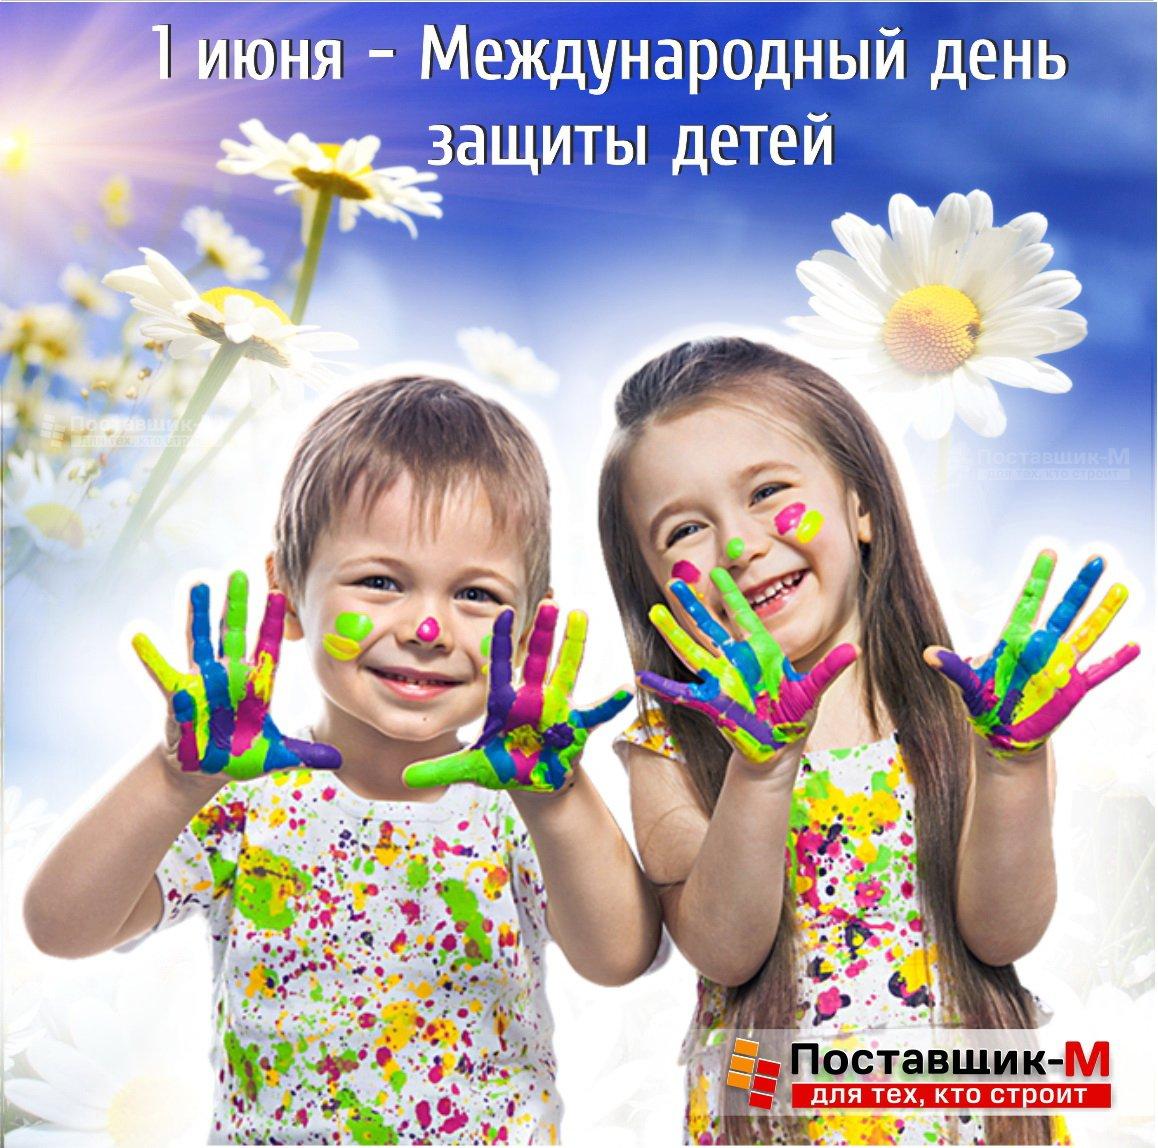 Международный день детей (день защиты детей) - отмечается 1 июня